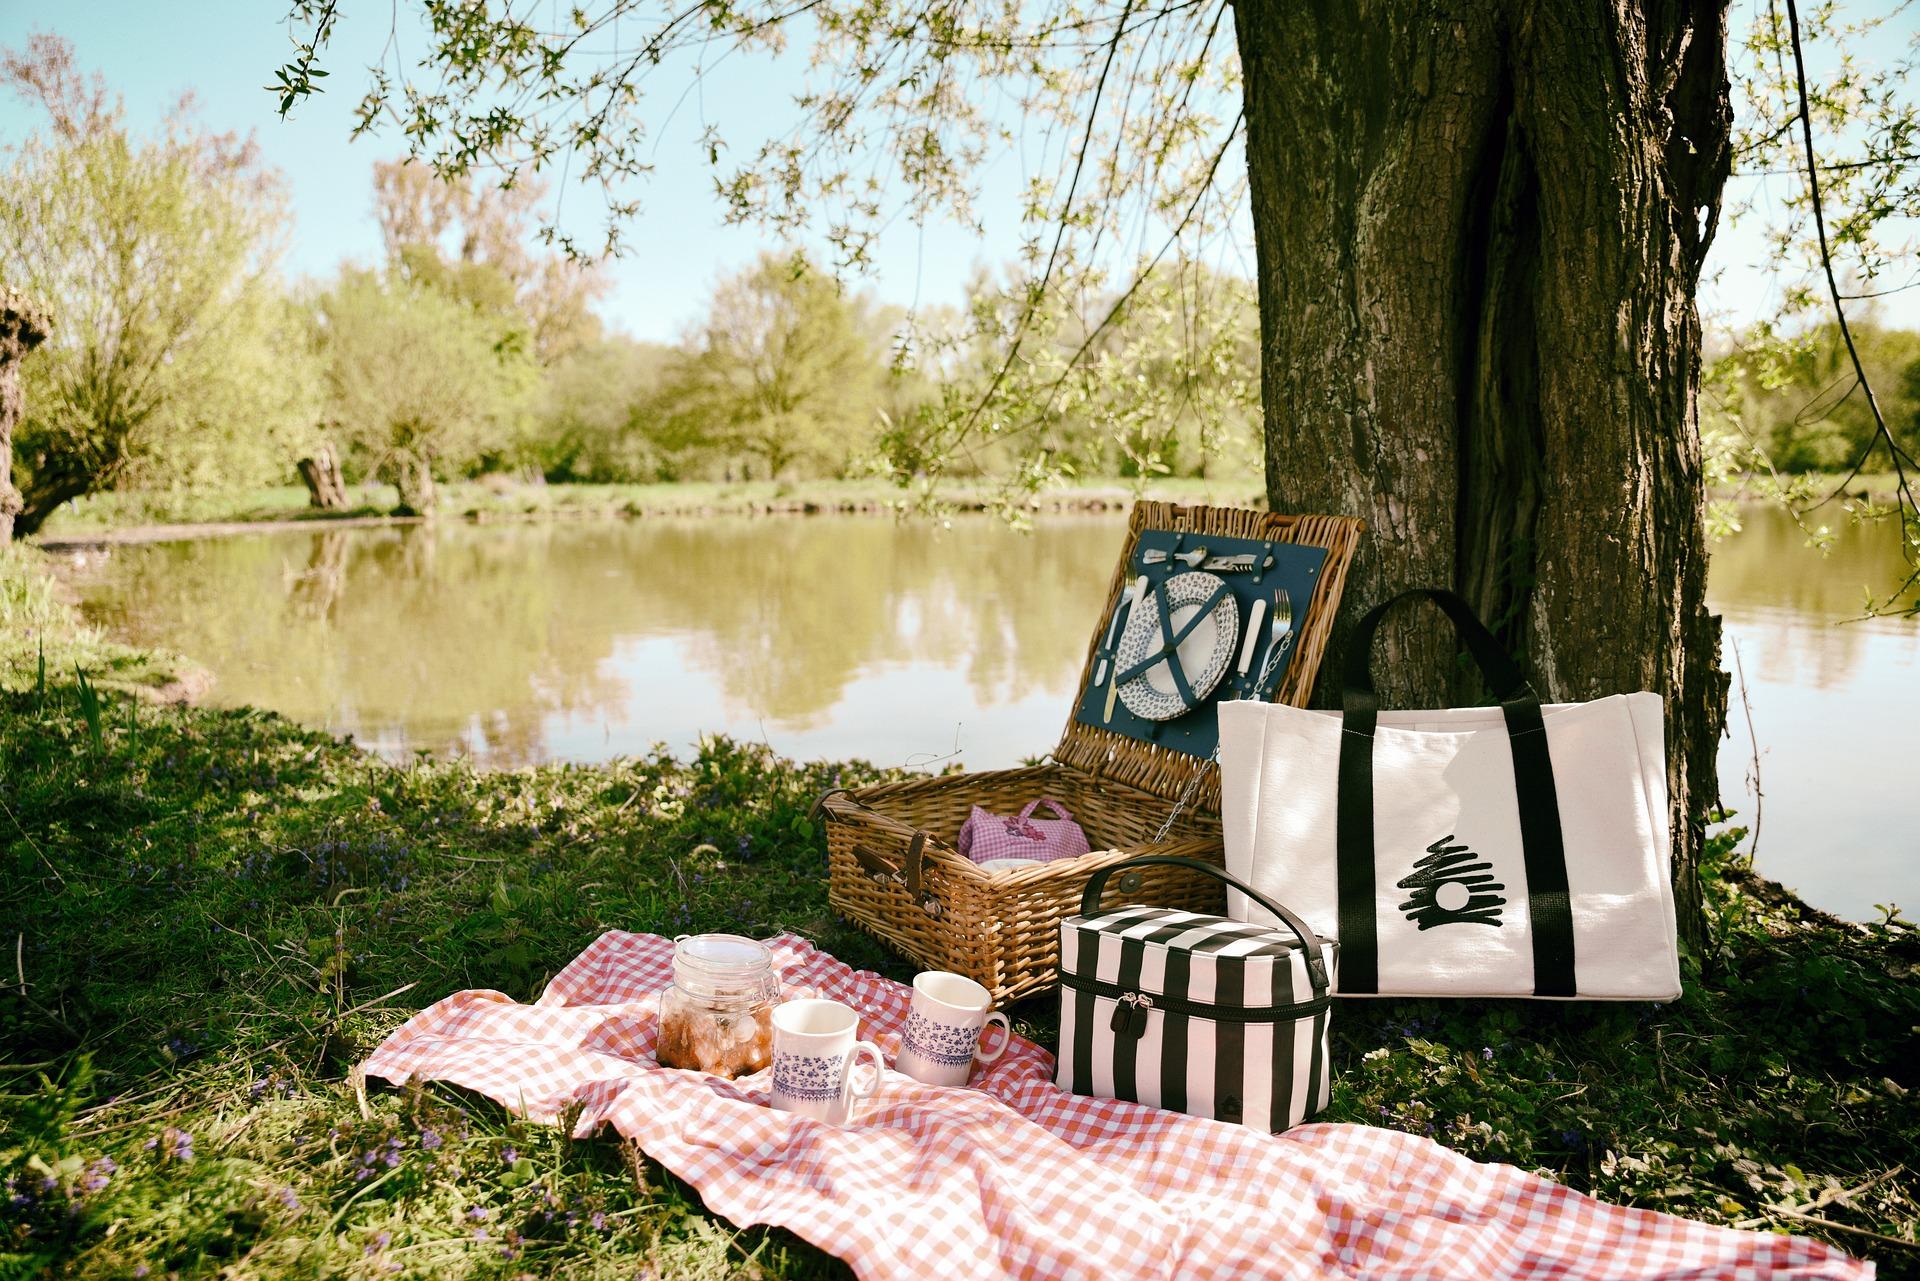 40 лучших мест для отдыха на природе и пикников около Саратова